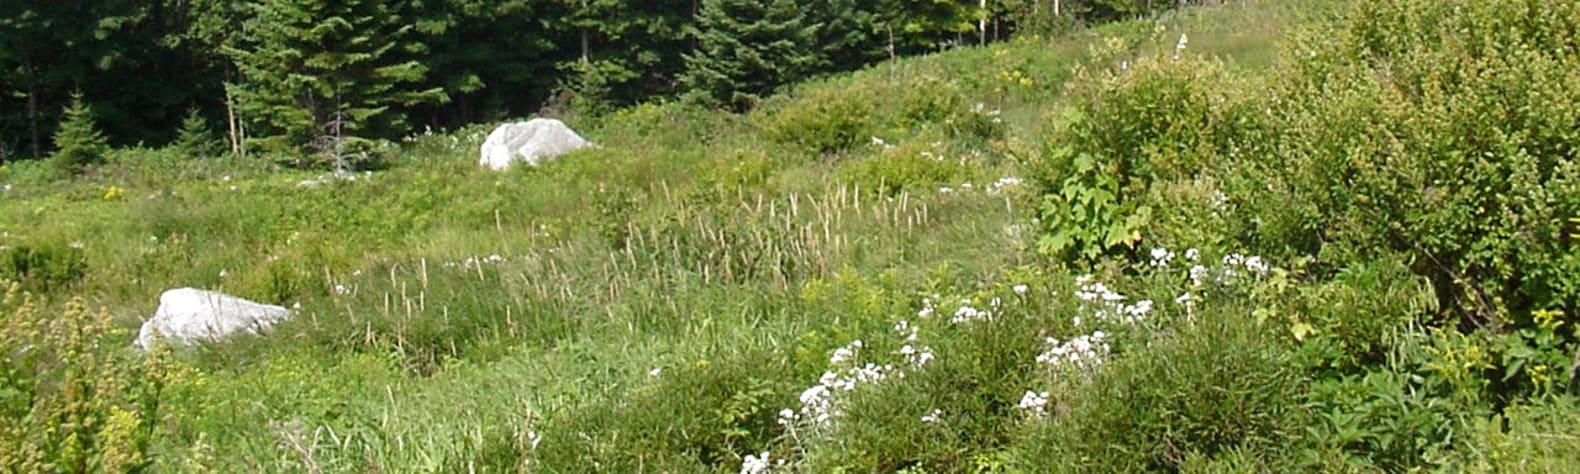 Richardson Public Reserved Land